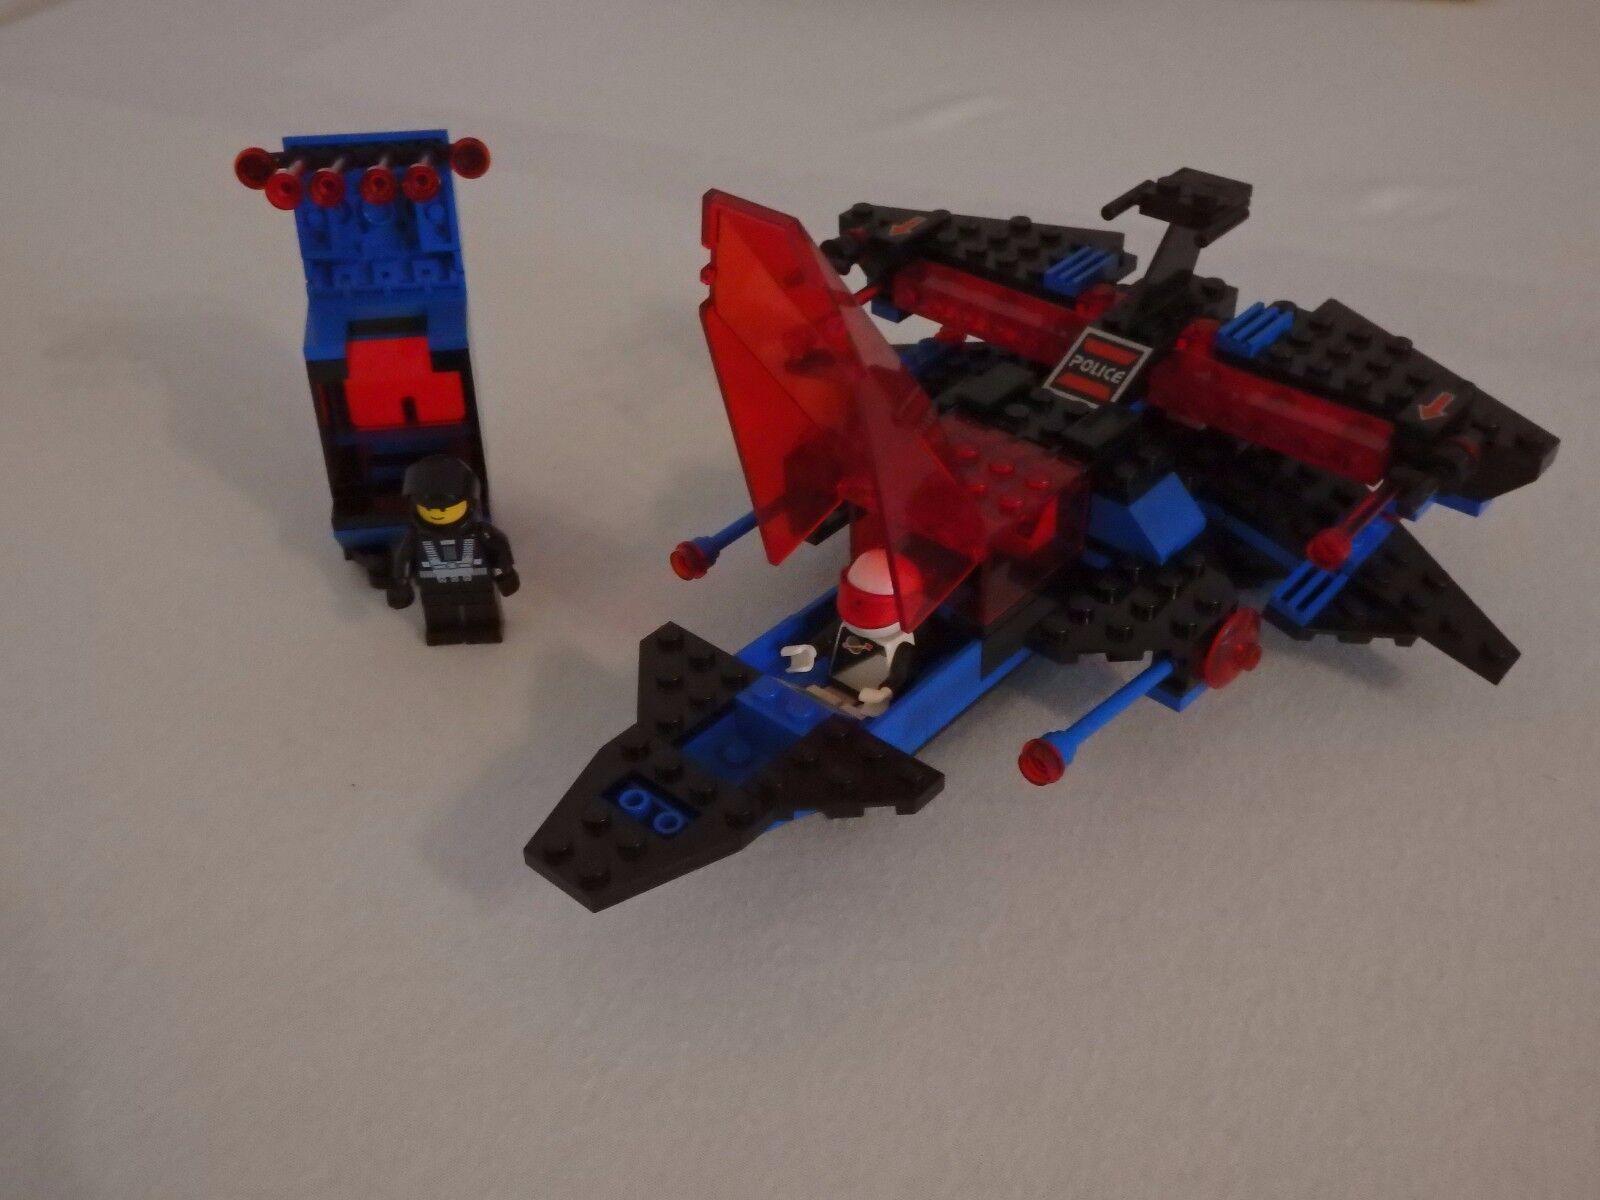 Lego 6781 SP-Striker Weltraum Space Police Star Wars